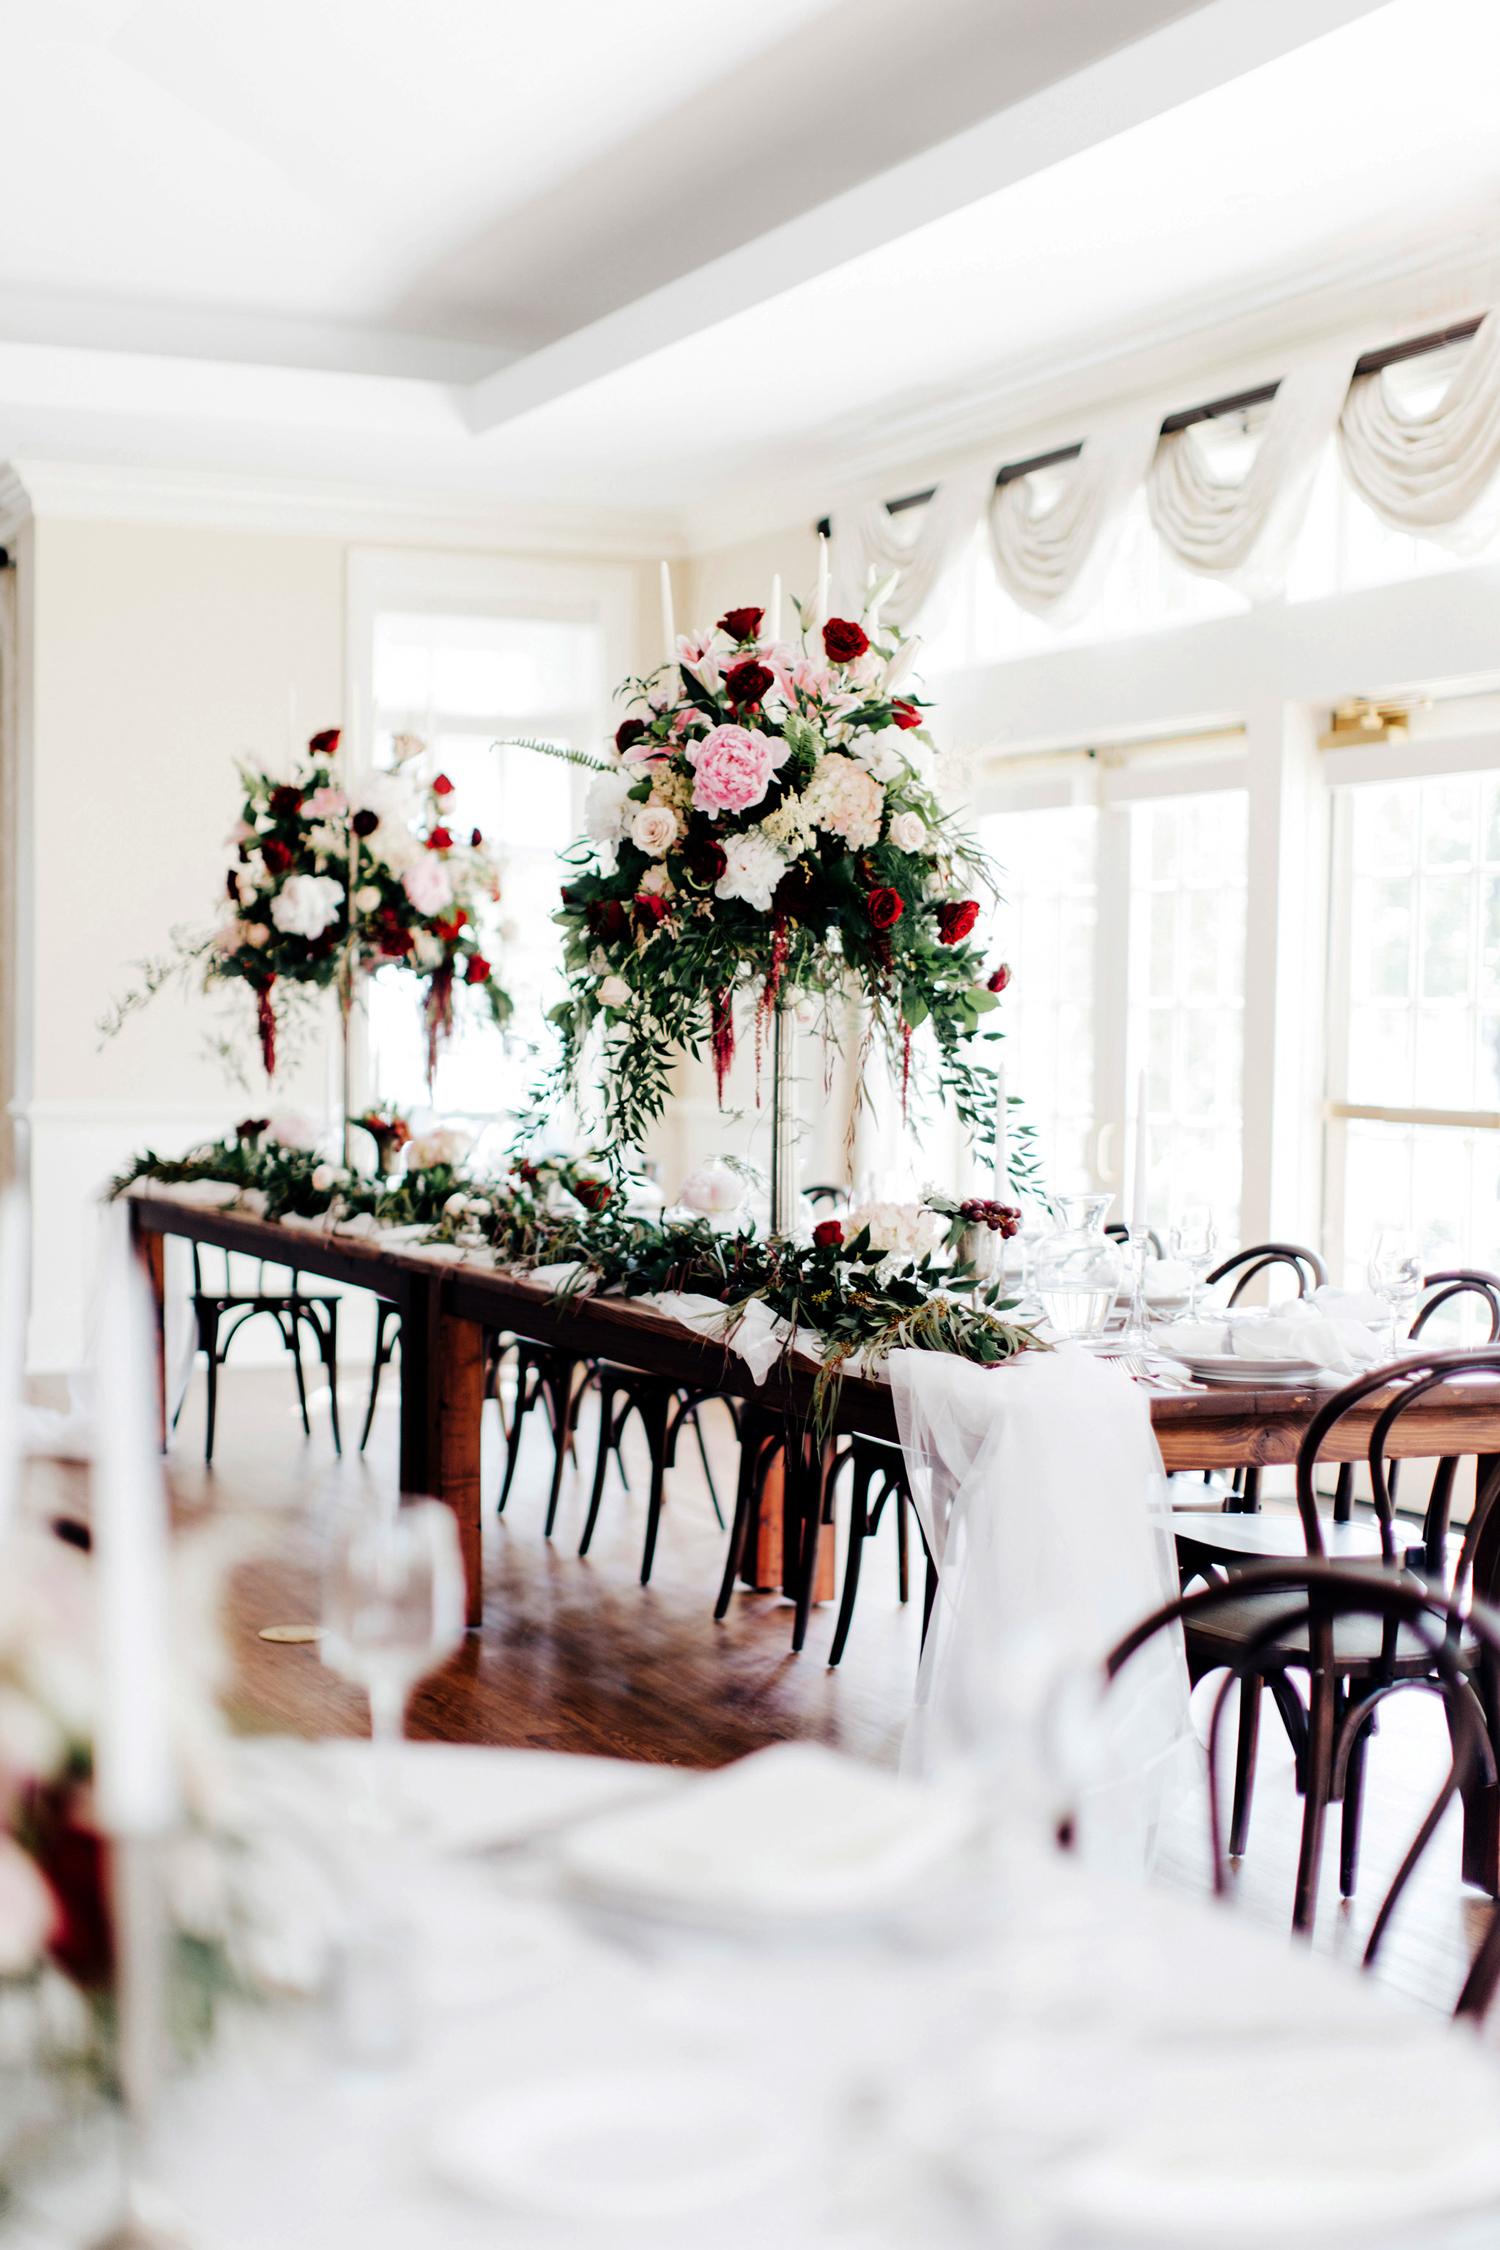 Downton Abbey-inspired venue decor